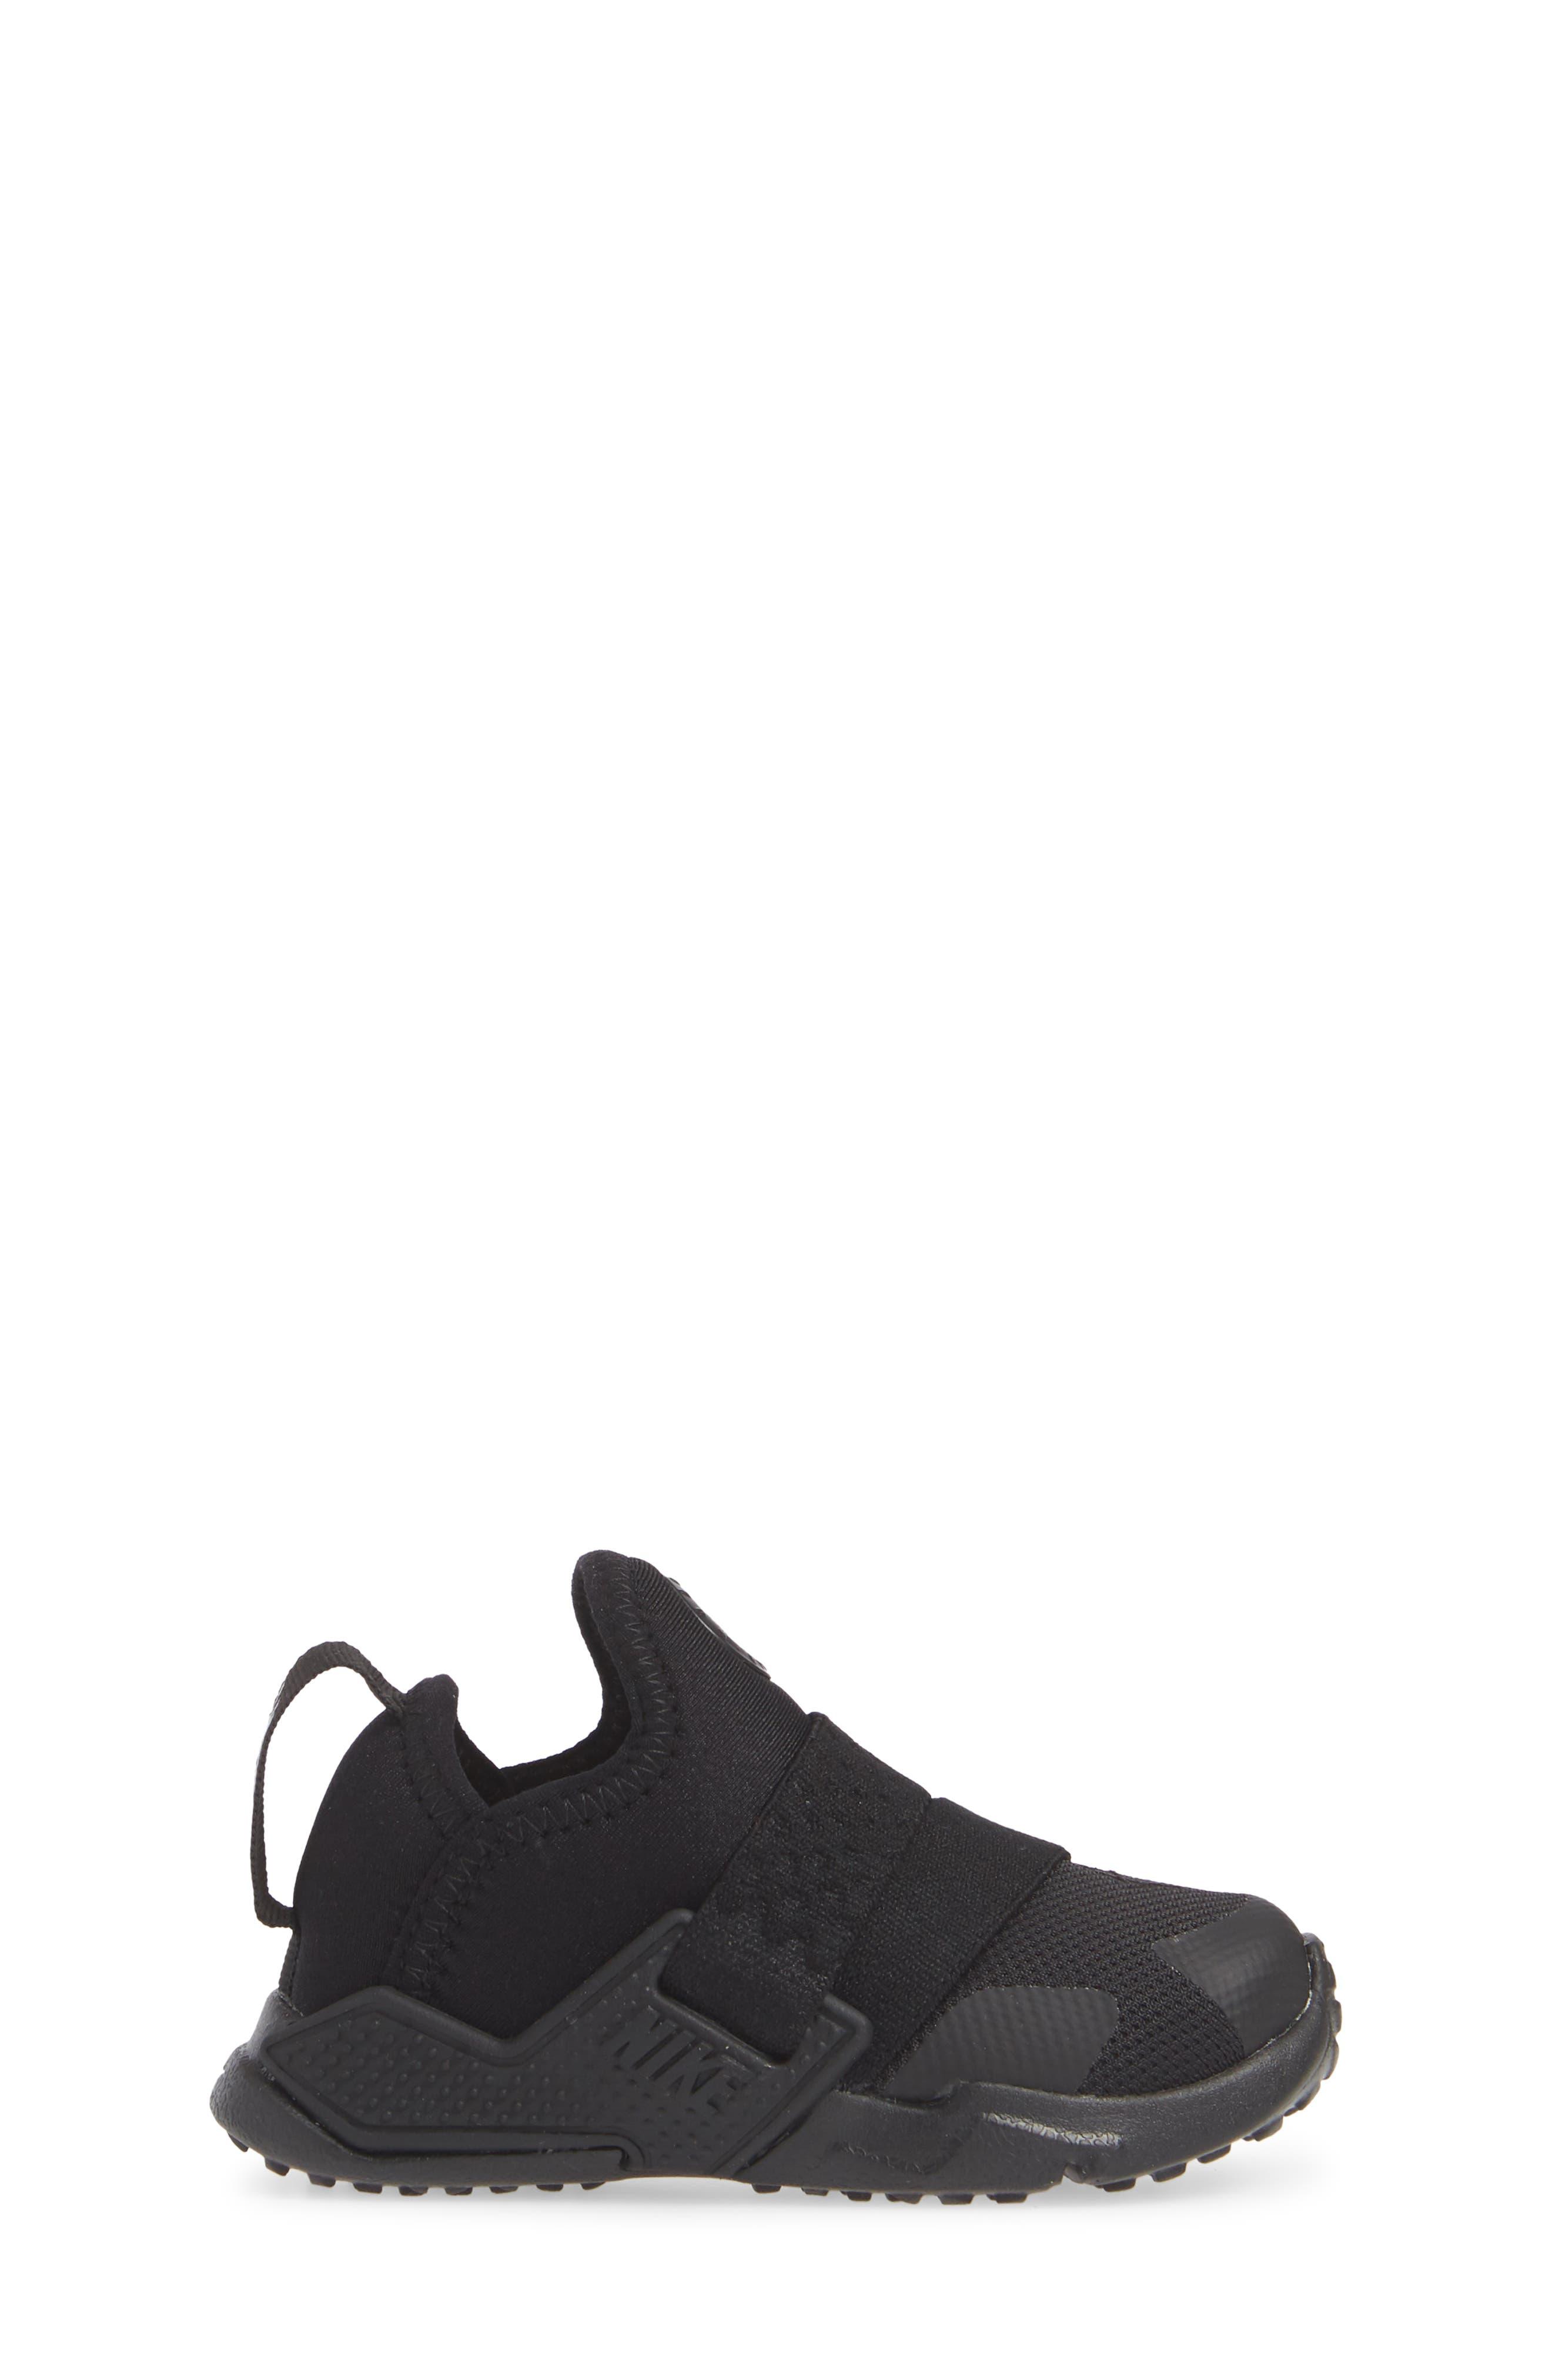 Huarache Extreme Sneaker,                             Alternate thumbnail 3, color,                             BLACK/ BLACK-BLACK